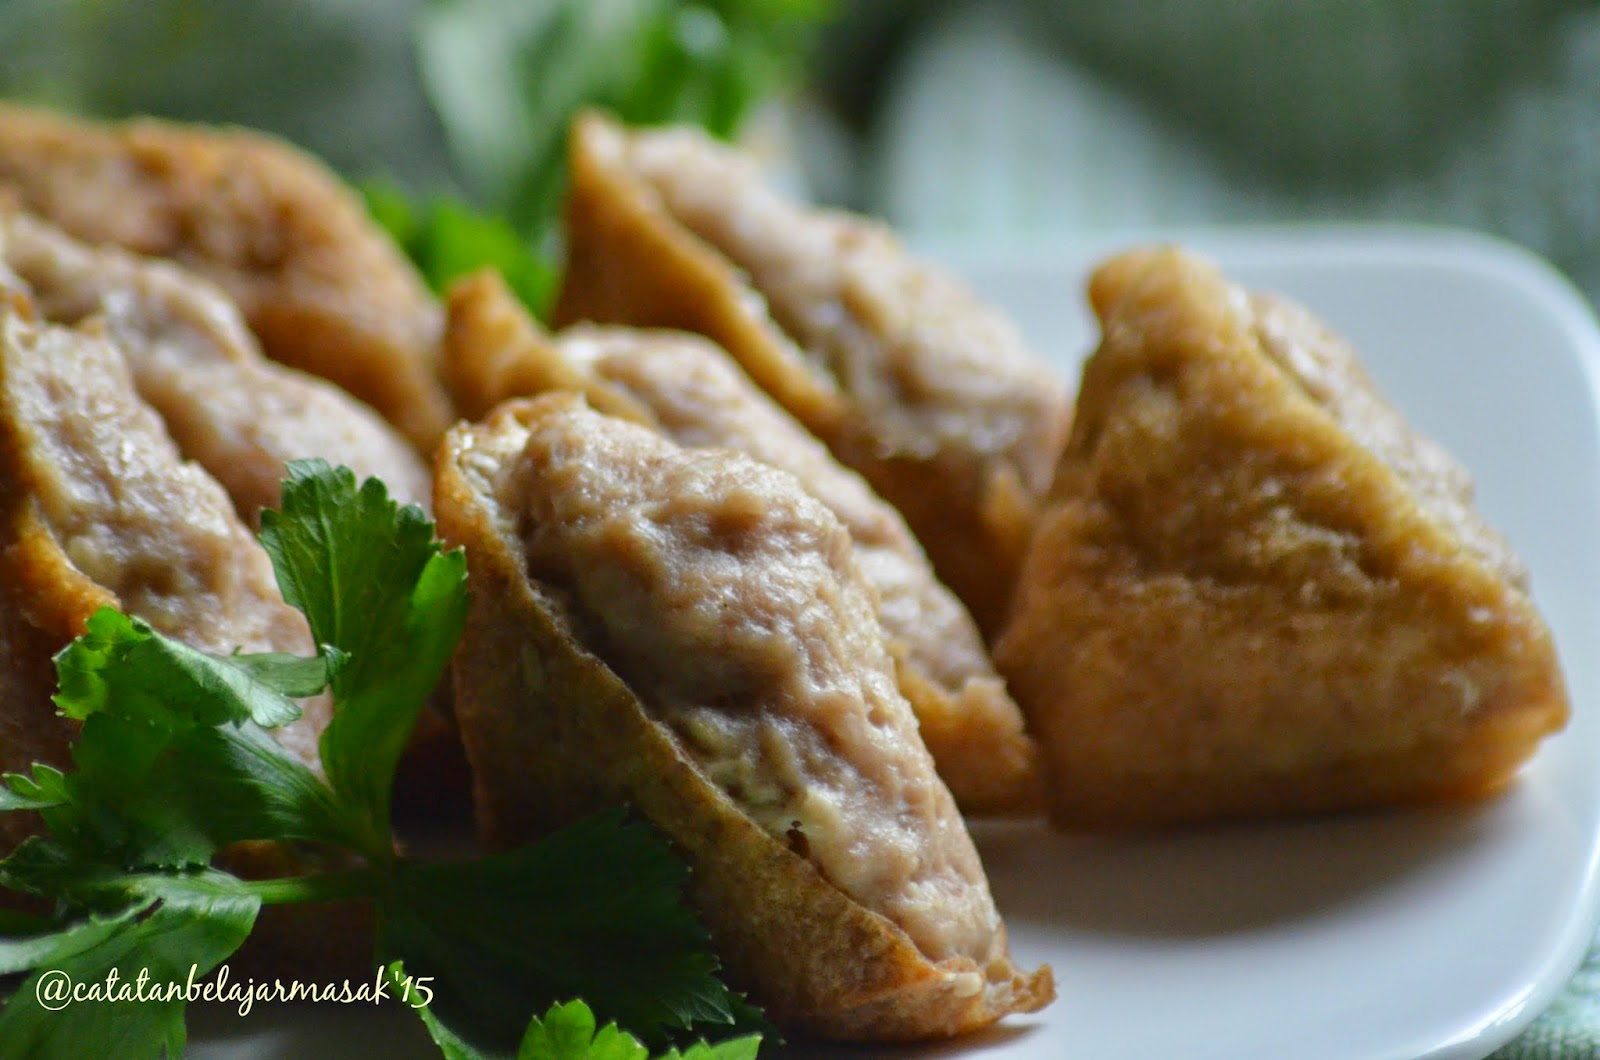 Resep Masakan Tahu Bakso Crispy, Yummy...!! - Jatik.com